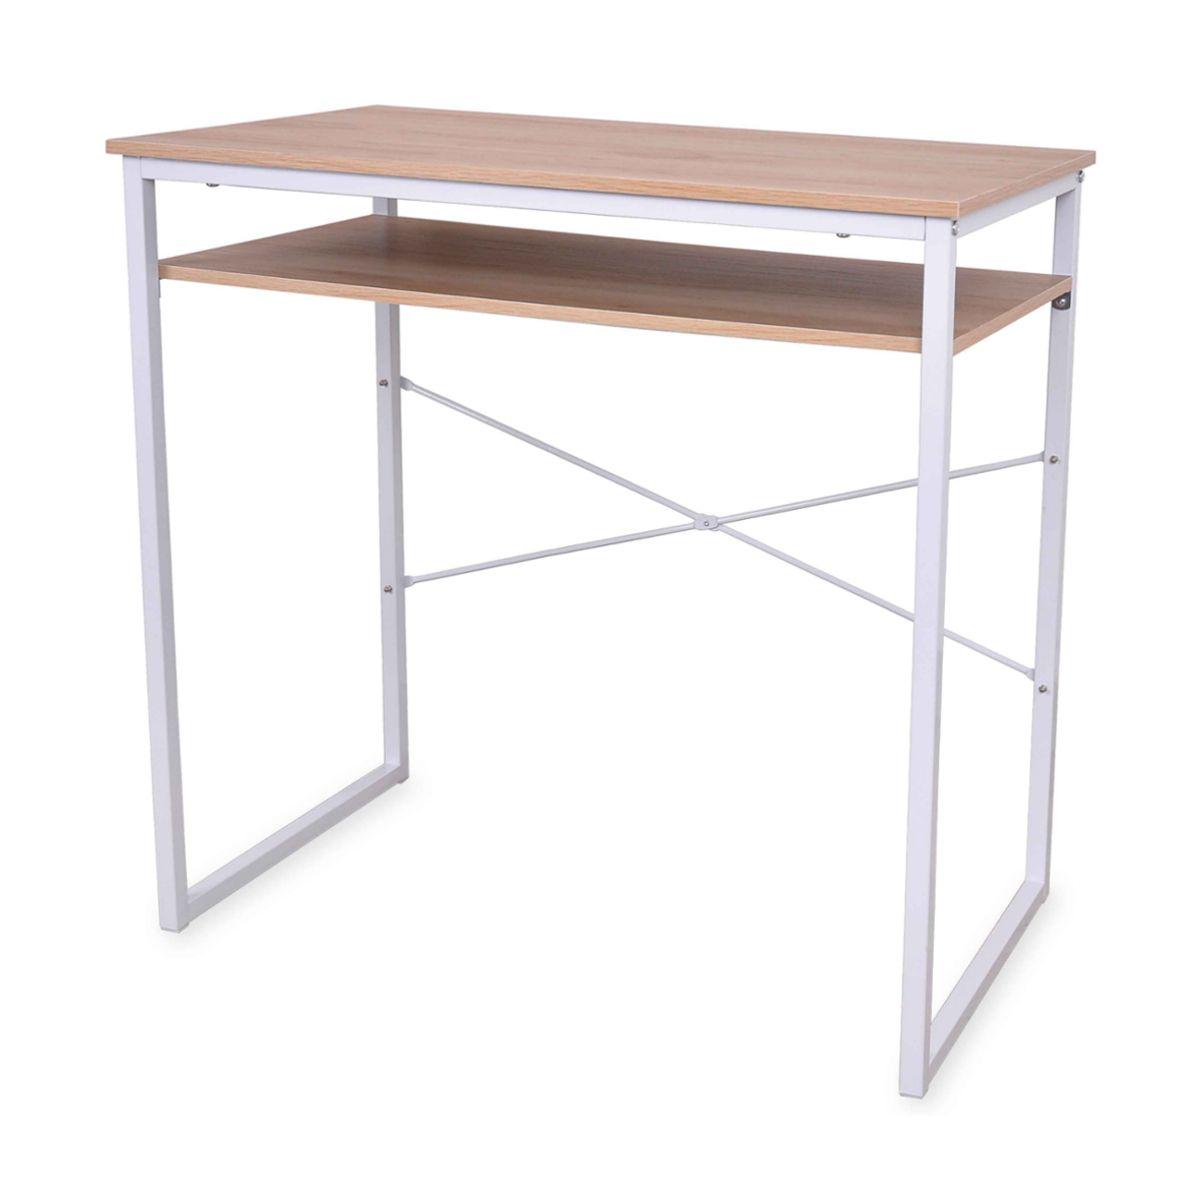 Single Student Desk Kmartnz 35 Student Desks Home Office Furniture Desk